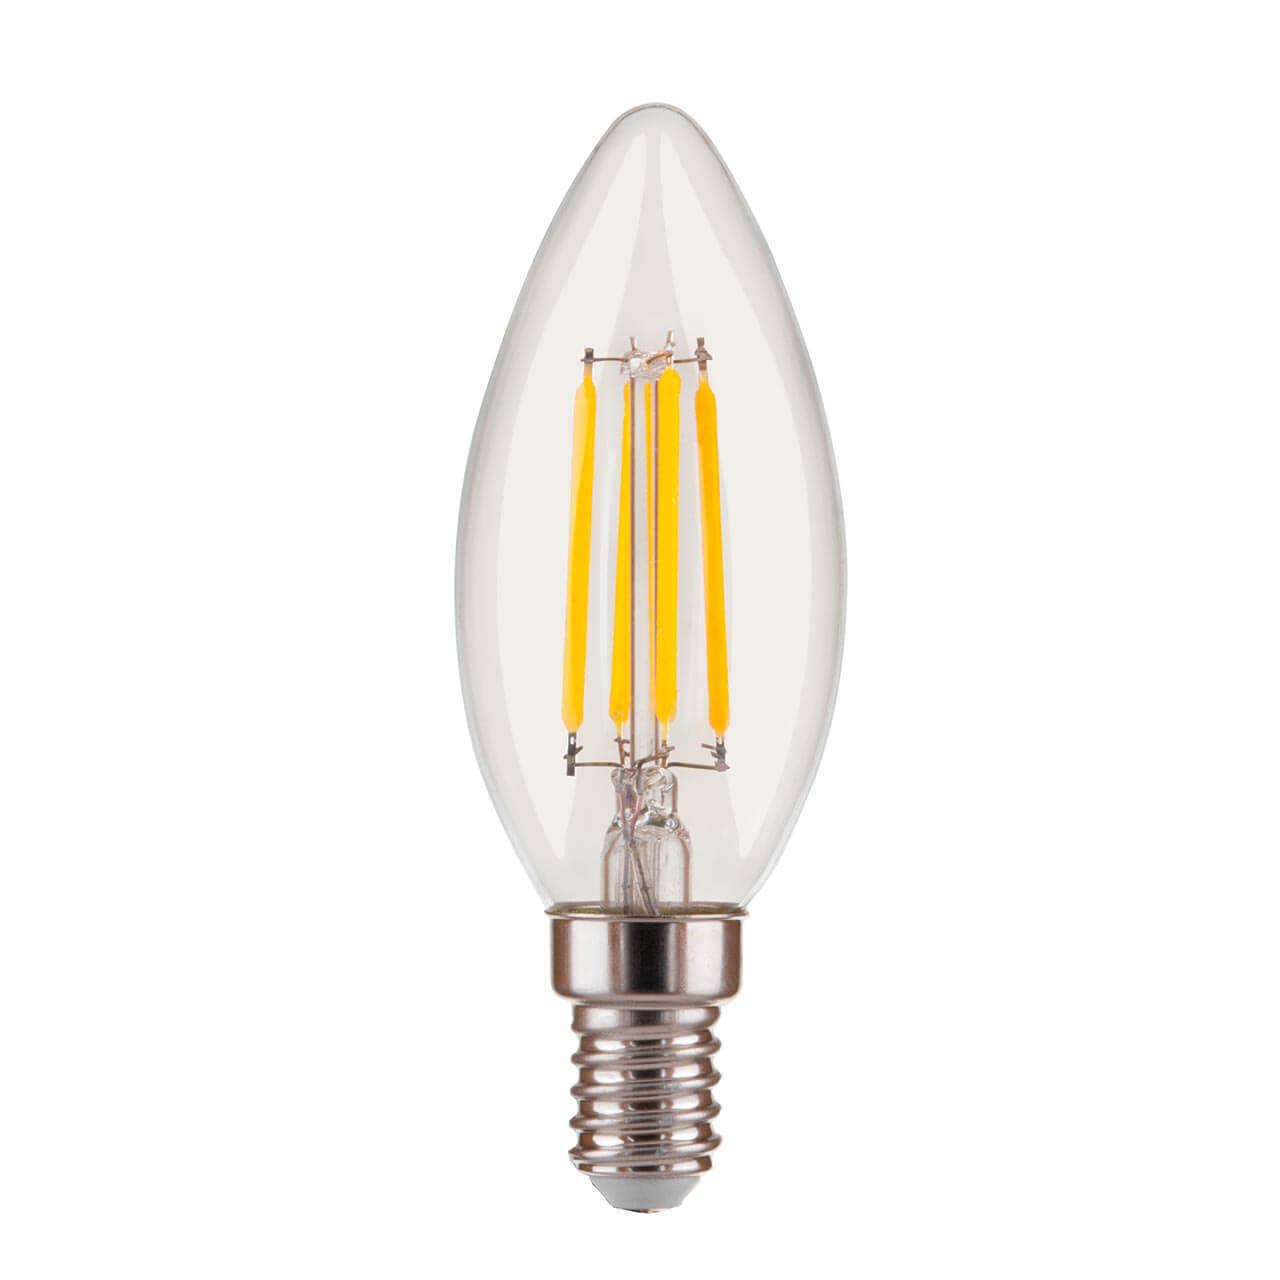 Лампочка Elektrostandard 4690389140990 Filament (Диммирование)